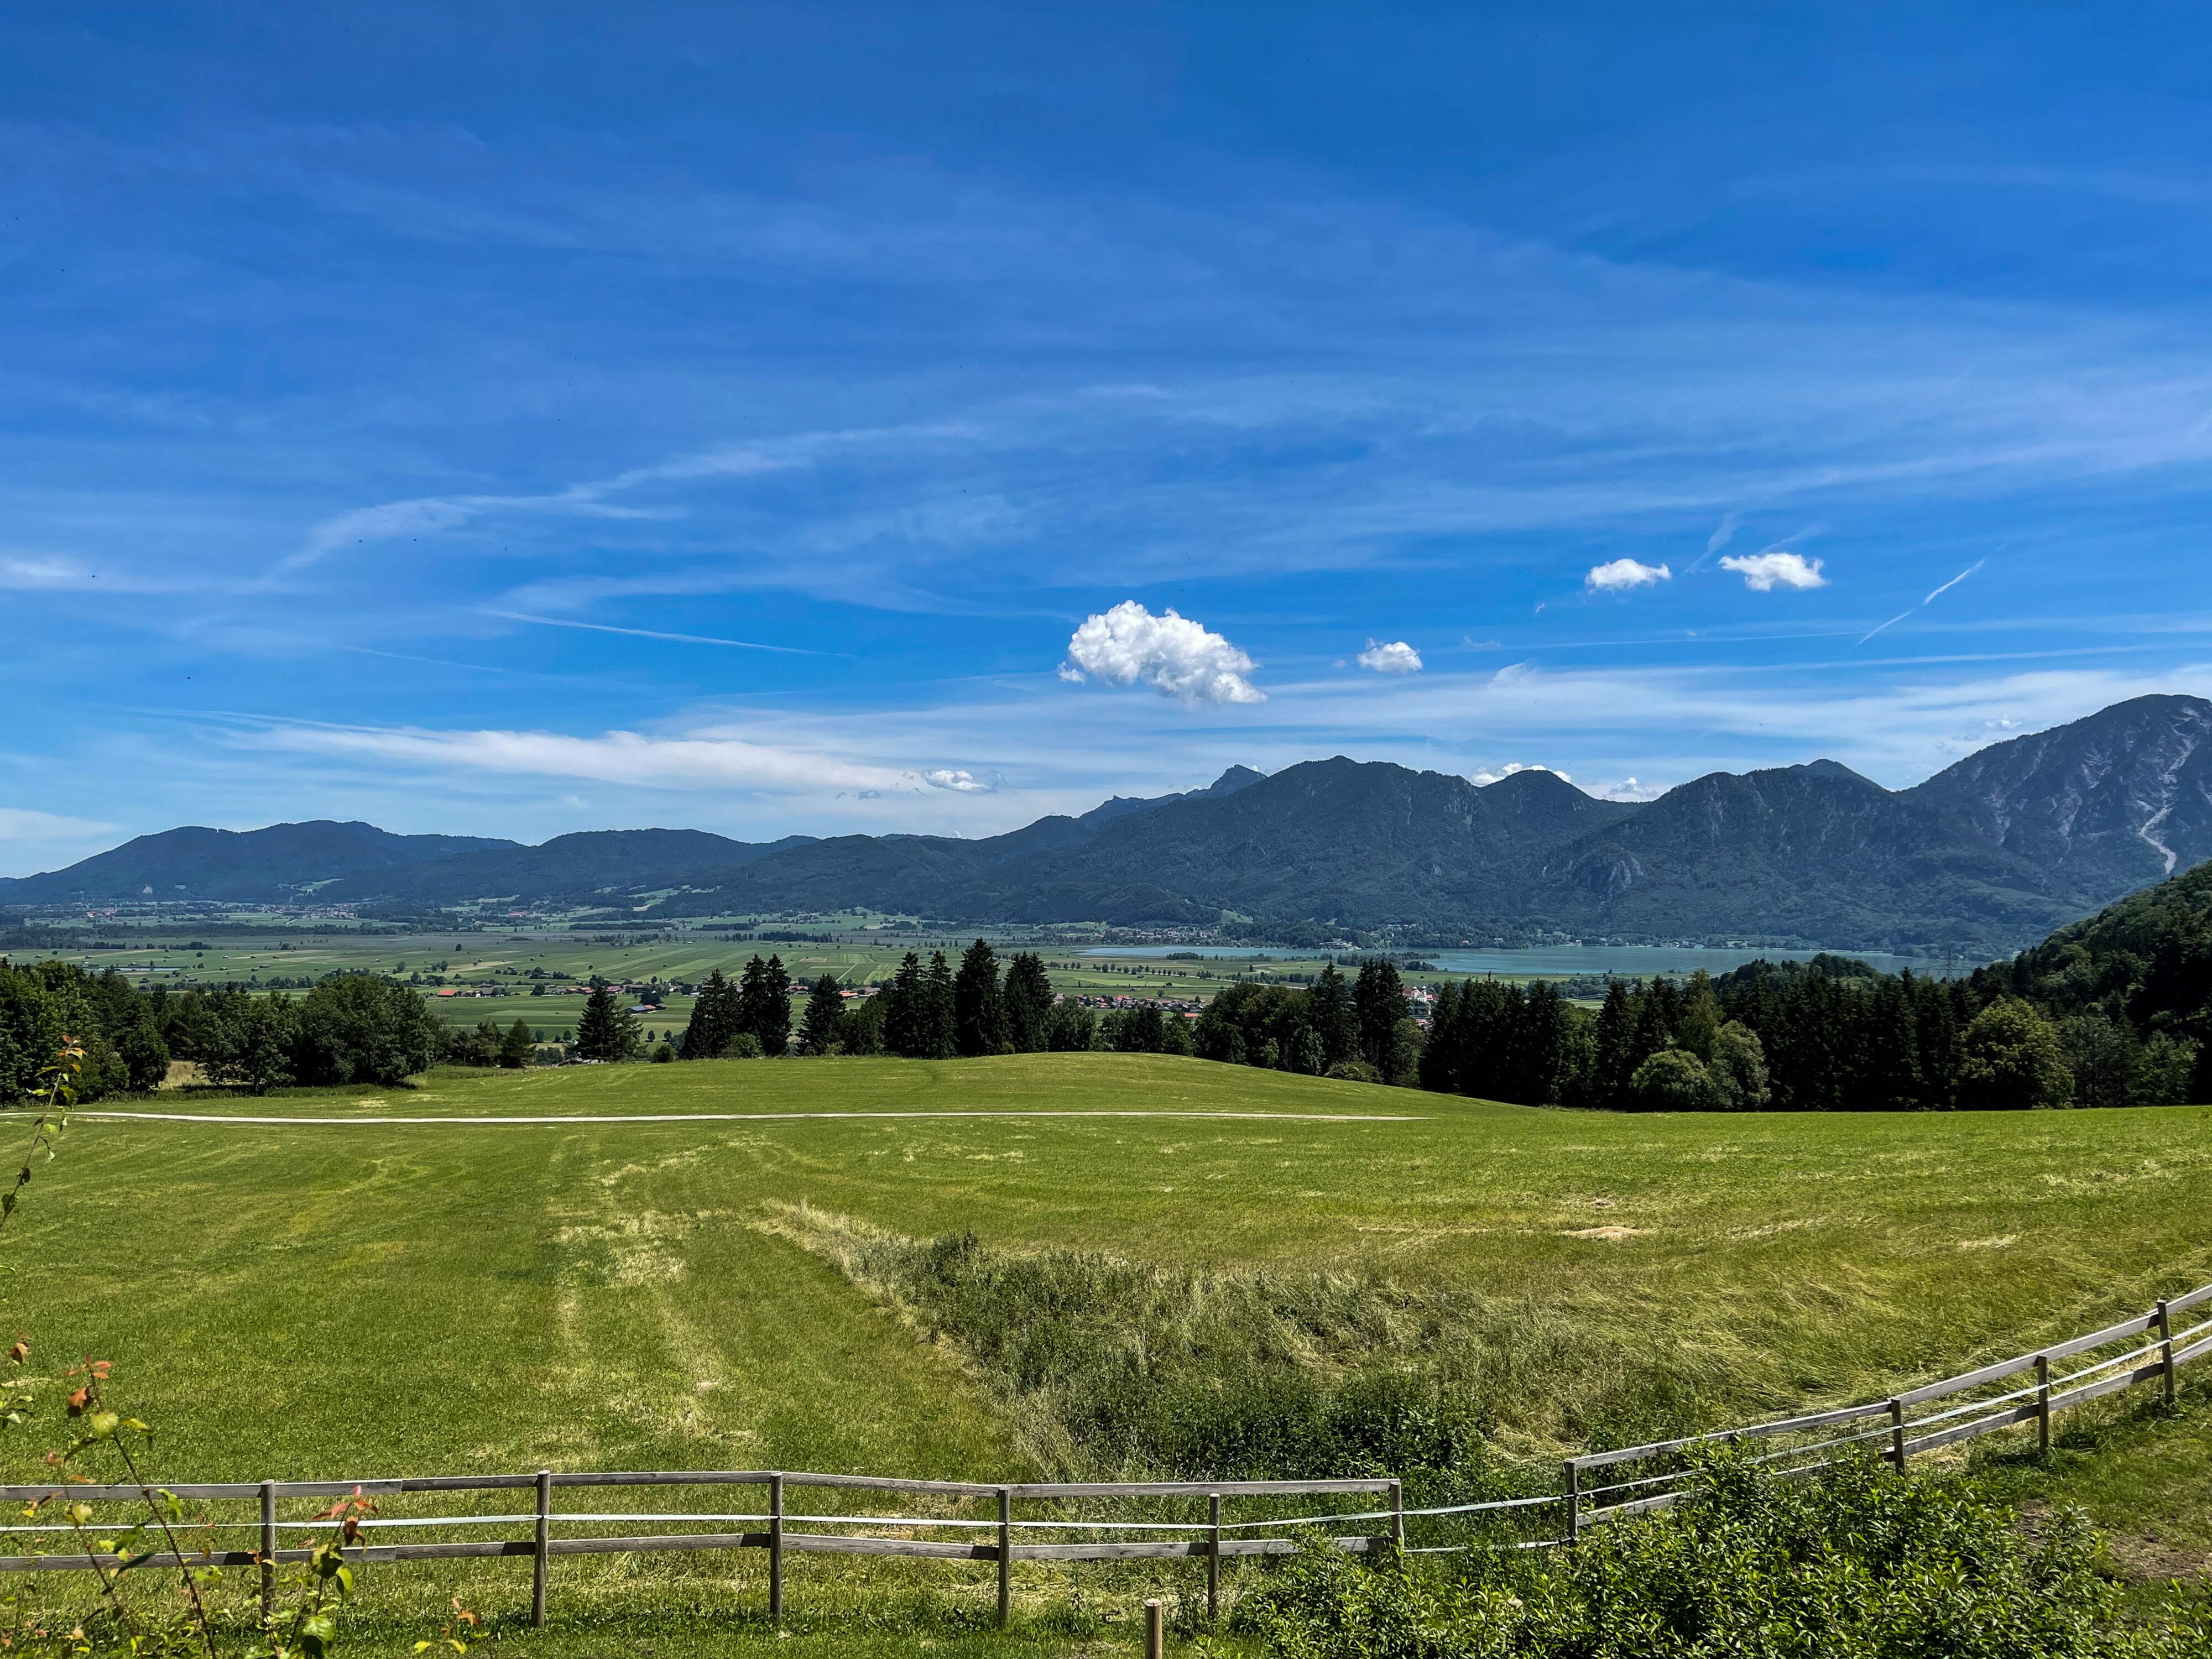 Wolkenleben undLandschaften beiKochel am See: Blick von der Kreut-Alm auf das Blaue Land